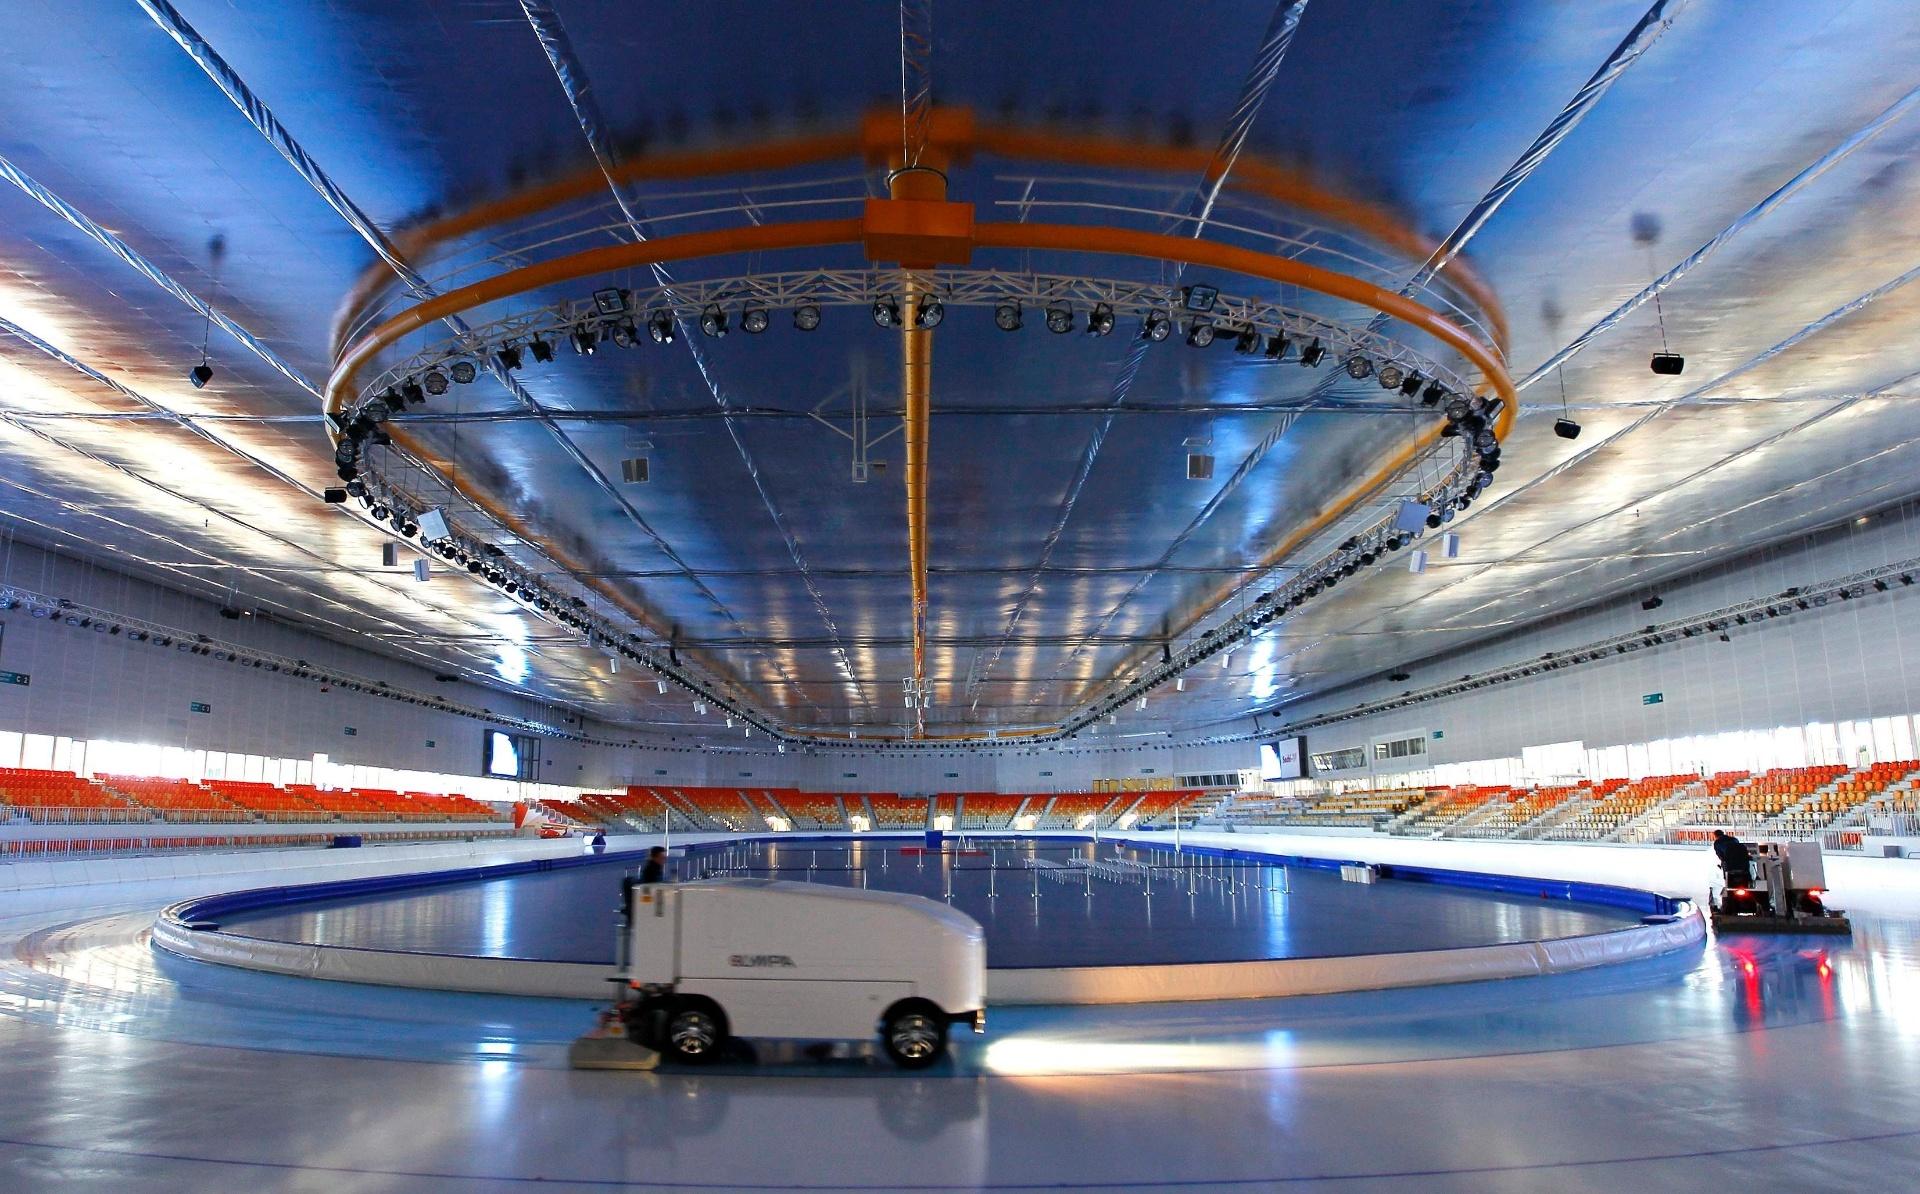 20.ago.2013 - Adler Arena passa por reparos. Inaugurado em 2012, ginásio receberá provas de patinação na Olimpíada de inverno do ano que vem em Sochi (Rússia)